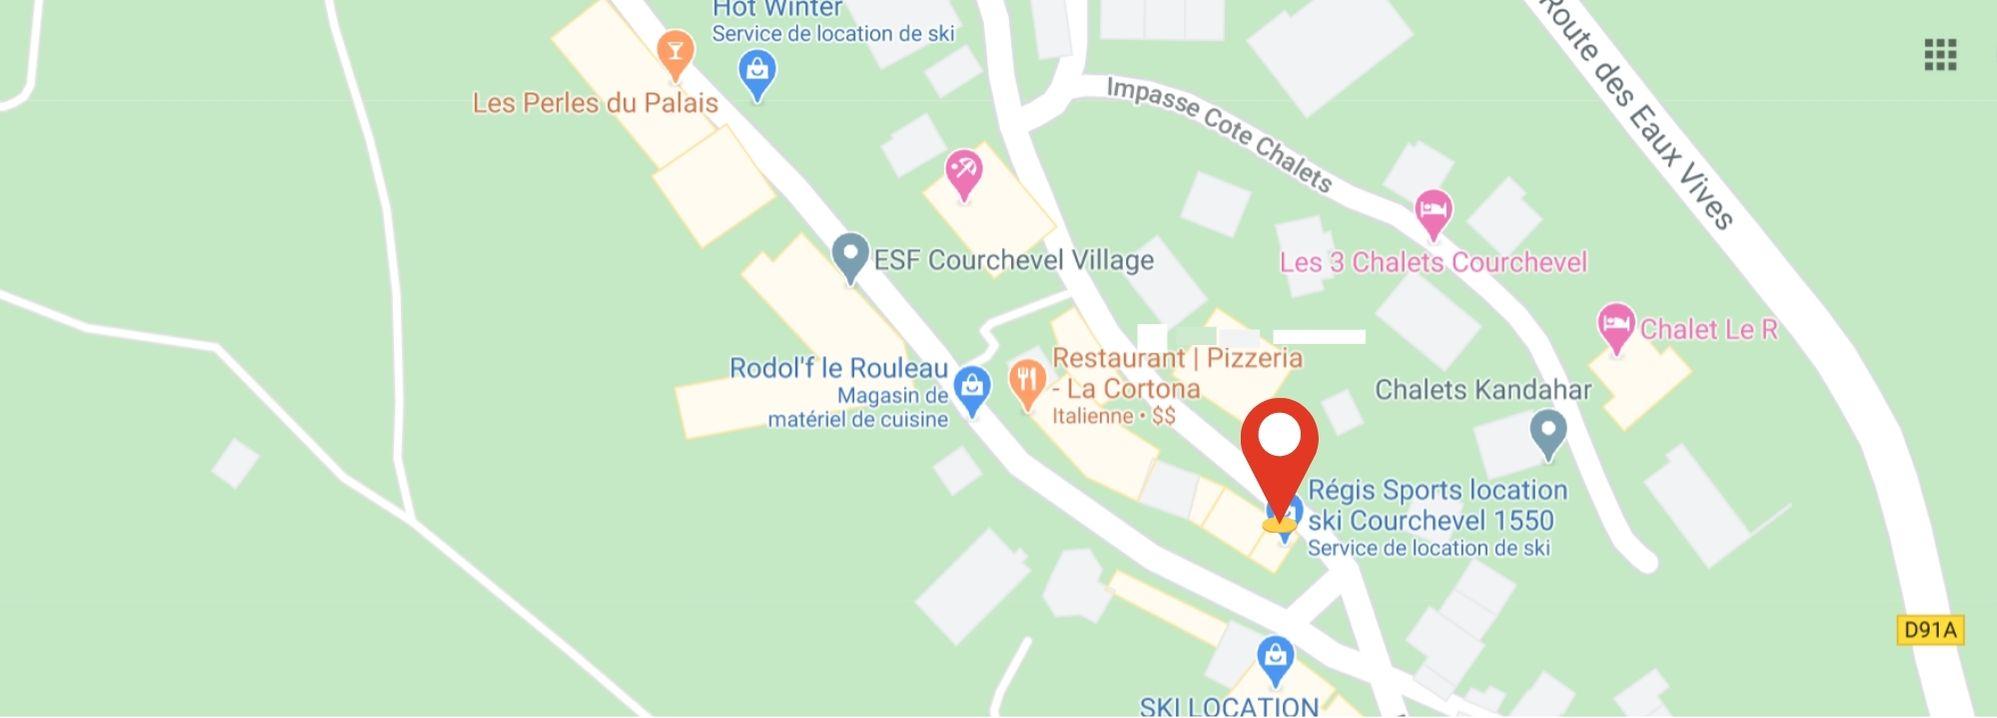 lieux de rendez-vous sorties raquettes evasion courchevel village